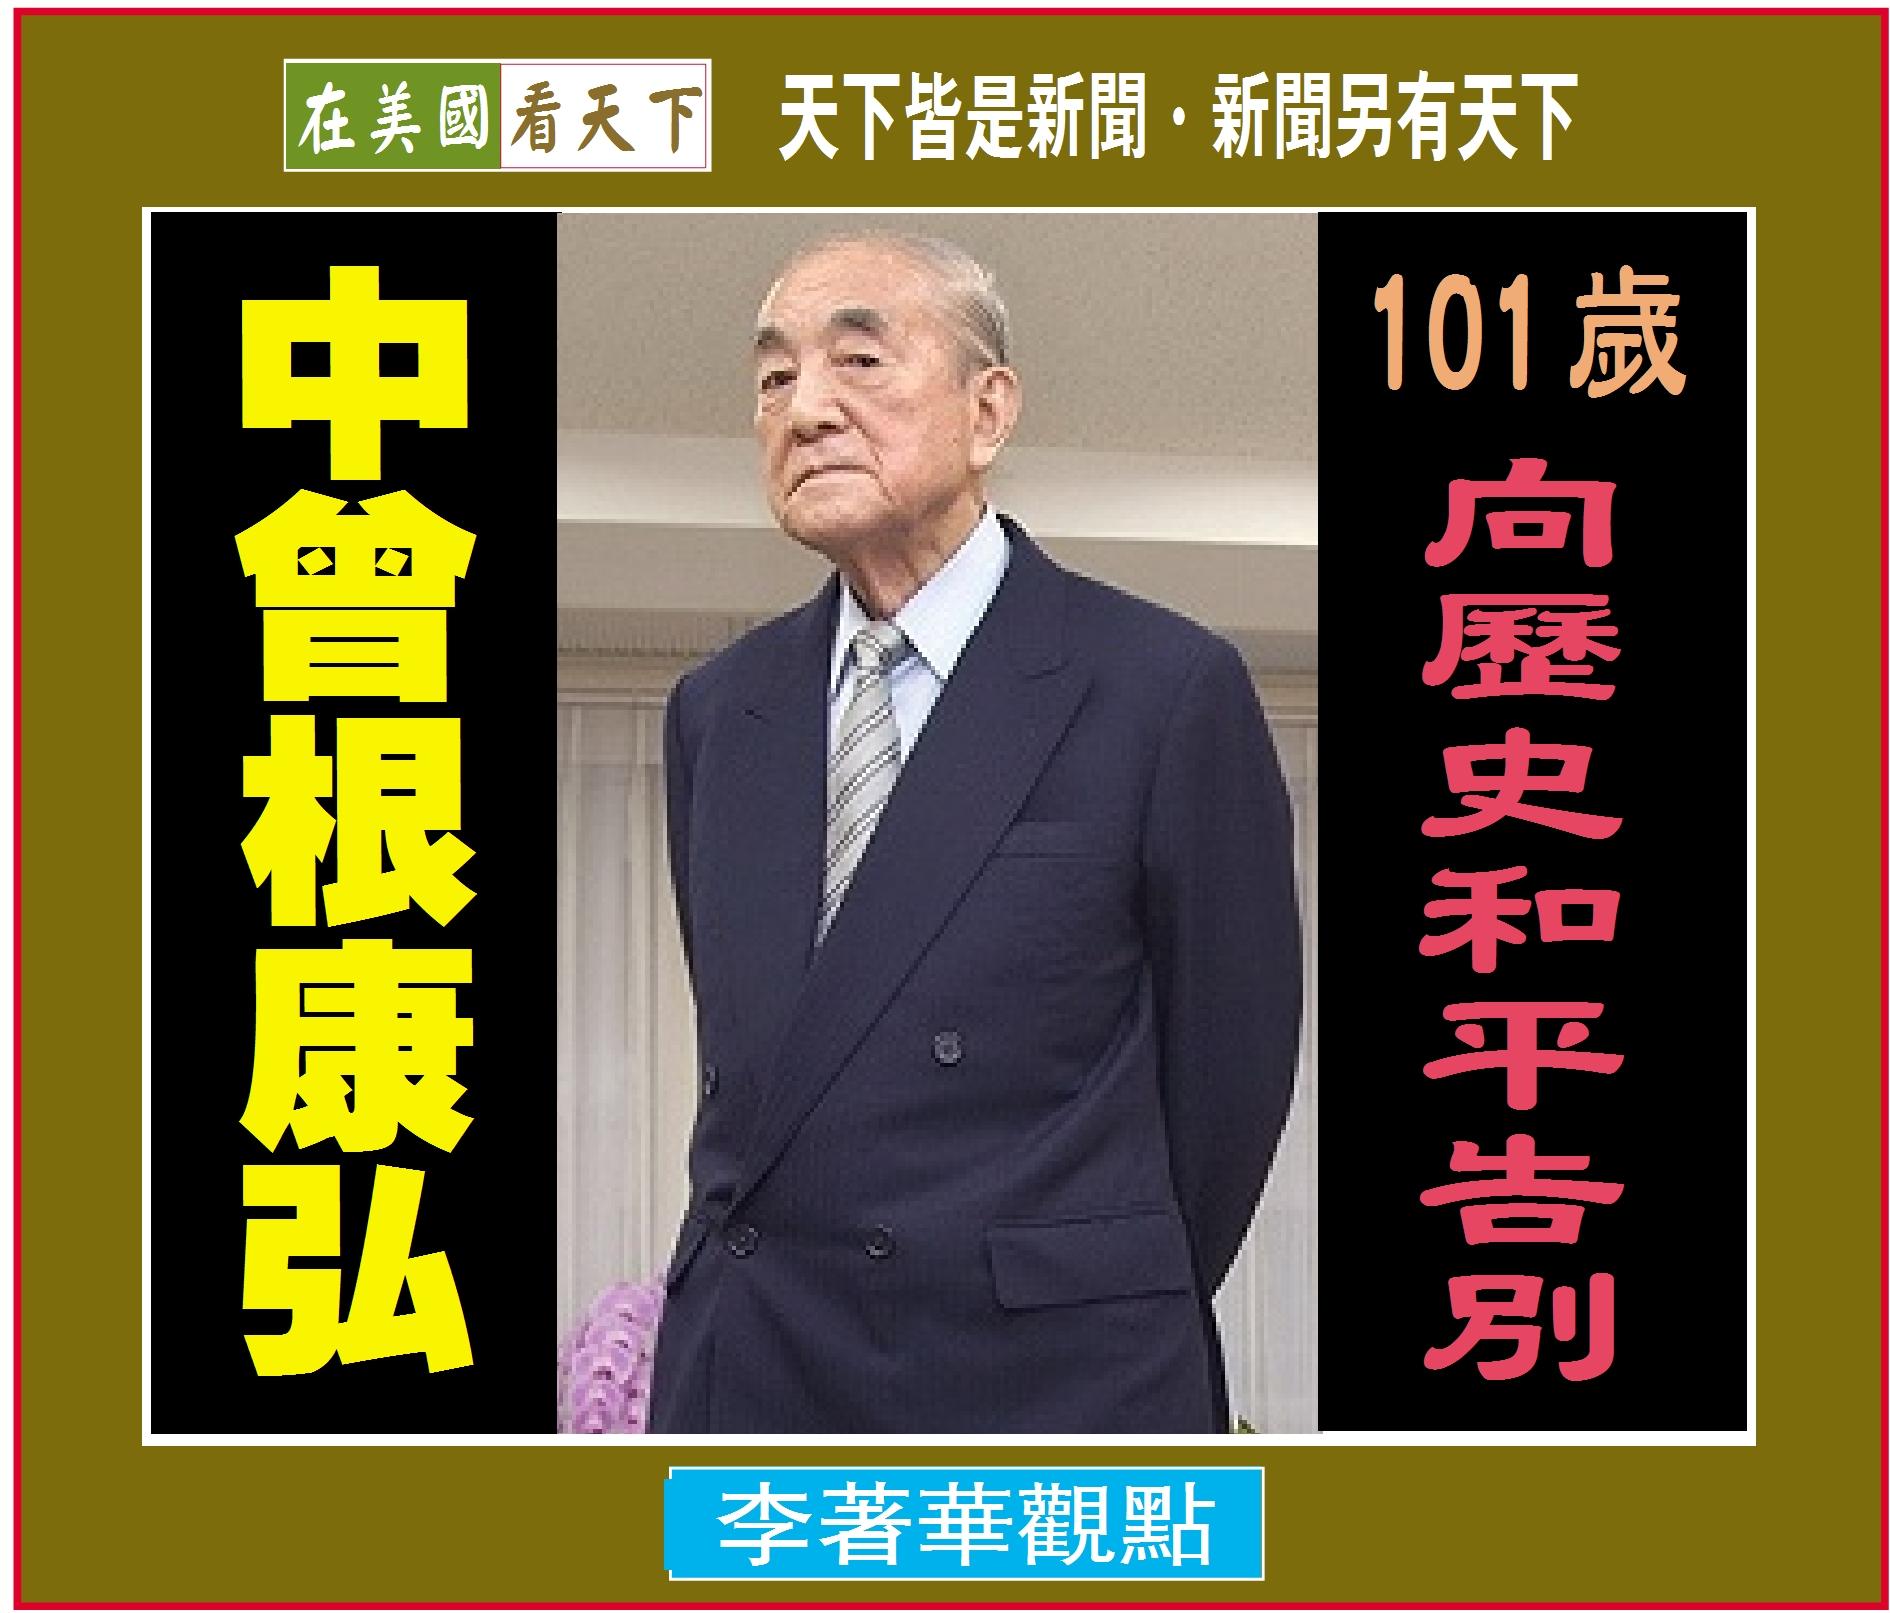 120119-中曾根康弘向歷史和平告別-1